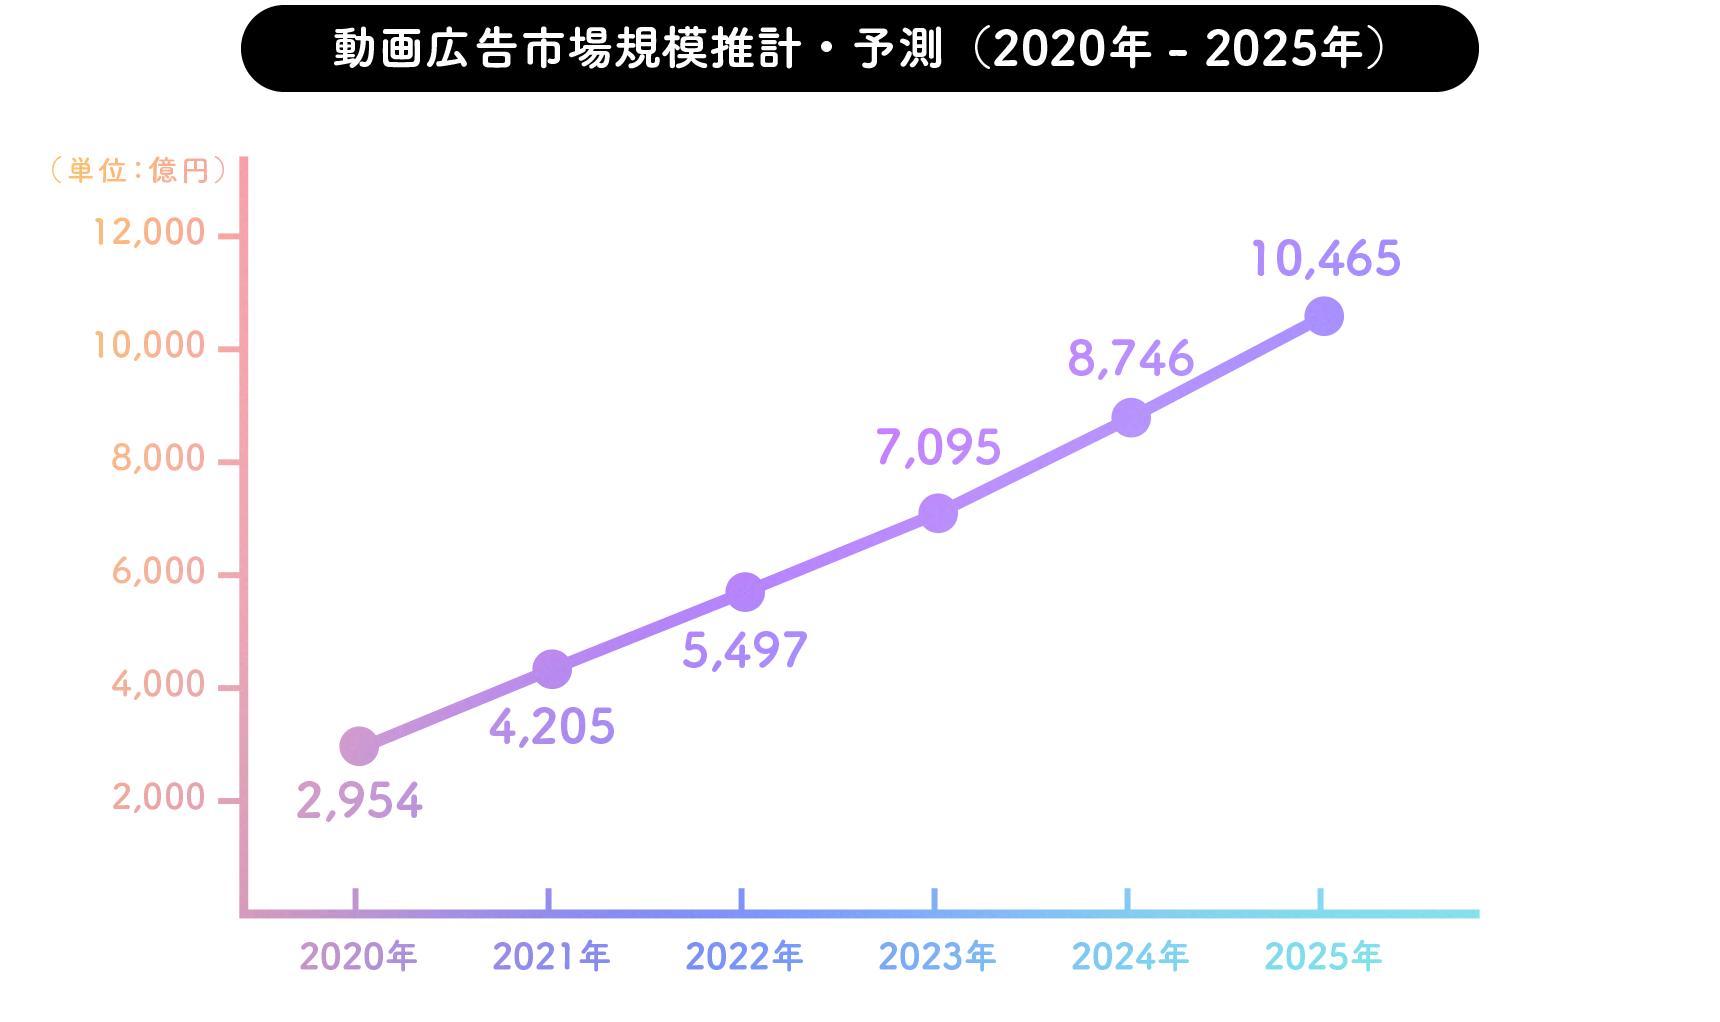 動画広告市場規模推計・予測(2019年- 2024年)